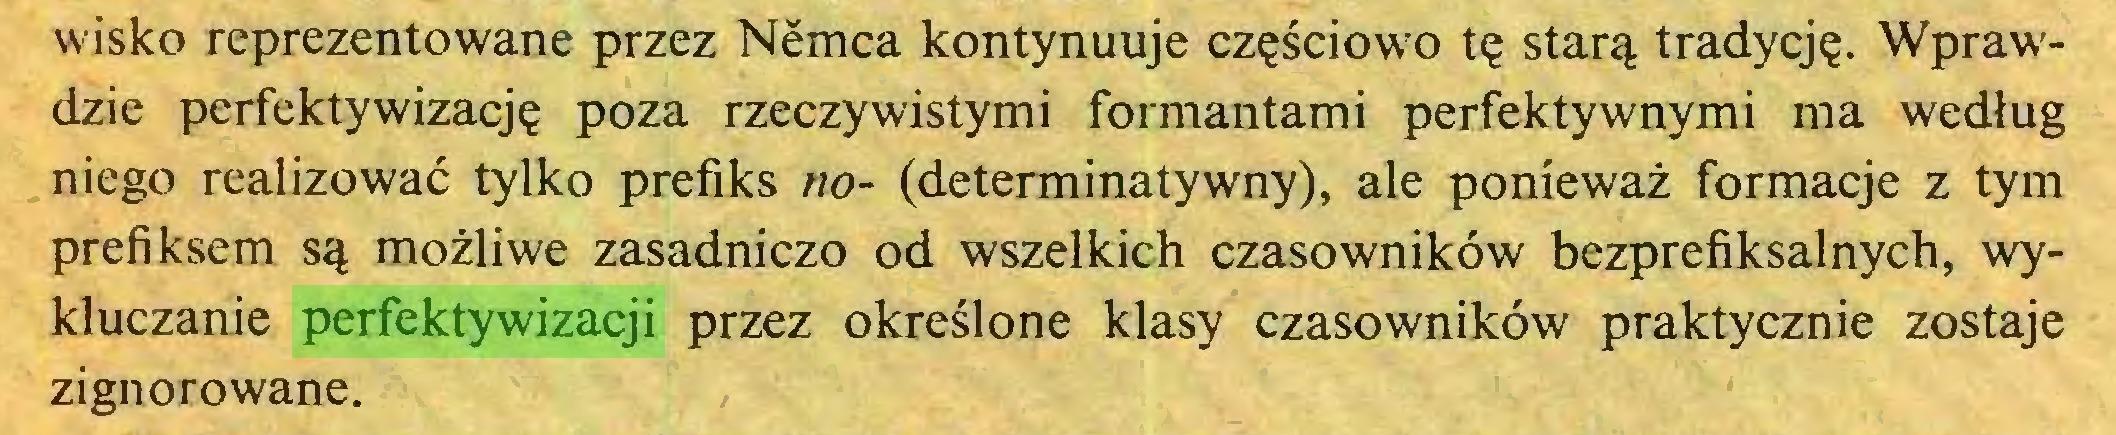 (...) wisko reprezentowane przez Nemca kontynuuje częściowo tę starą tradycję. Wprawdzie perfektywizację poza rzeczywistymi formantami perfektywnymi ma według niego realizować tylko prefiks no- (determinatywny), ale ponieważ formacje z tym prefiksem są możliwe zasadniczo od wszelkich czasowników bezprefiksalnych, wykluczanie perfektywizacji przez określone klasy czasowników praktycznie zostaje zignorowane...